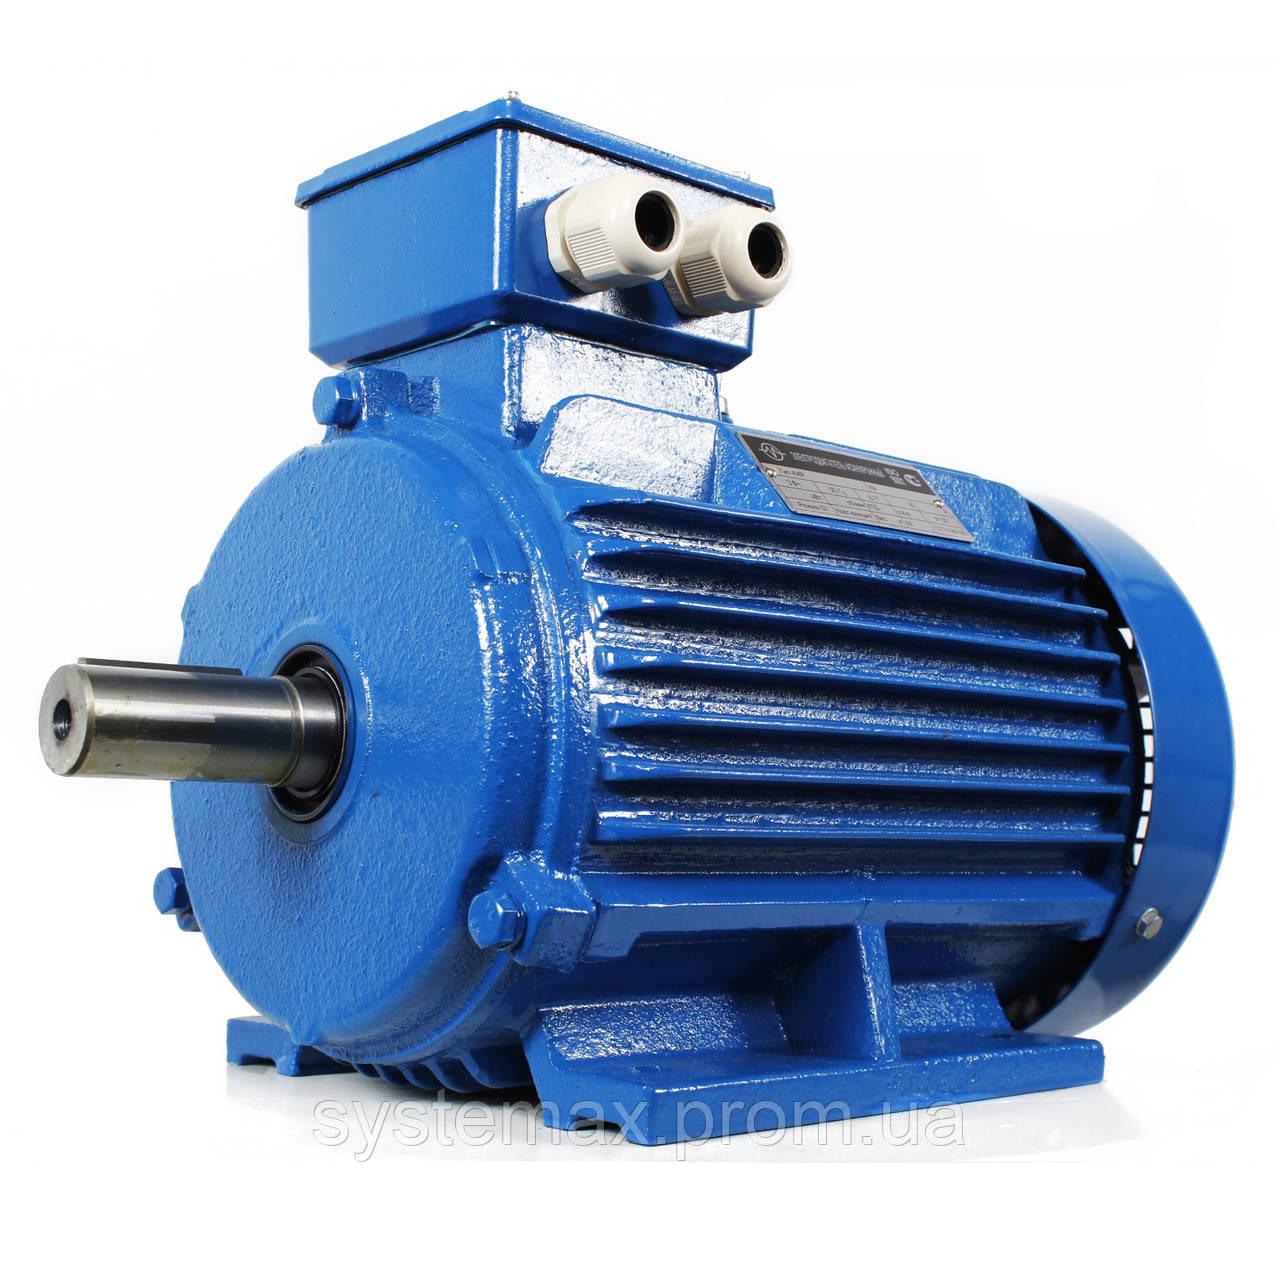 Электродвигатель АИР71В8 (АИР 71 В8) 0,25 кВт 750 об/мин